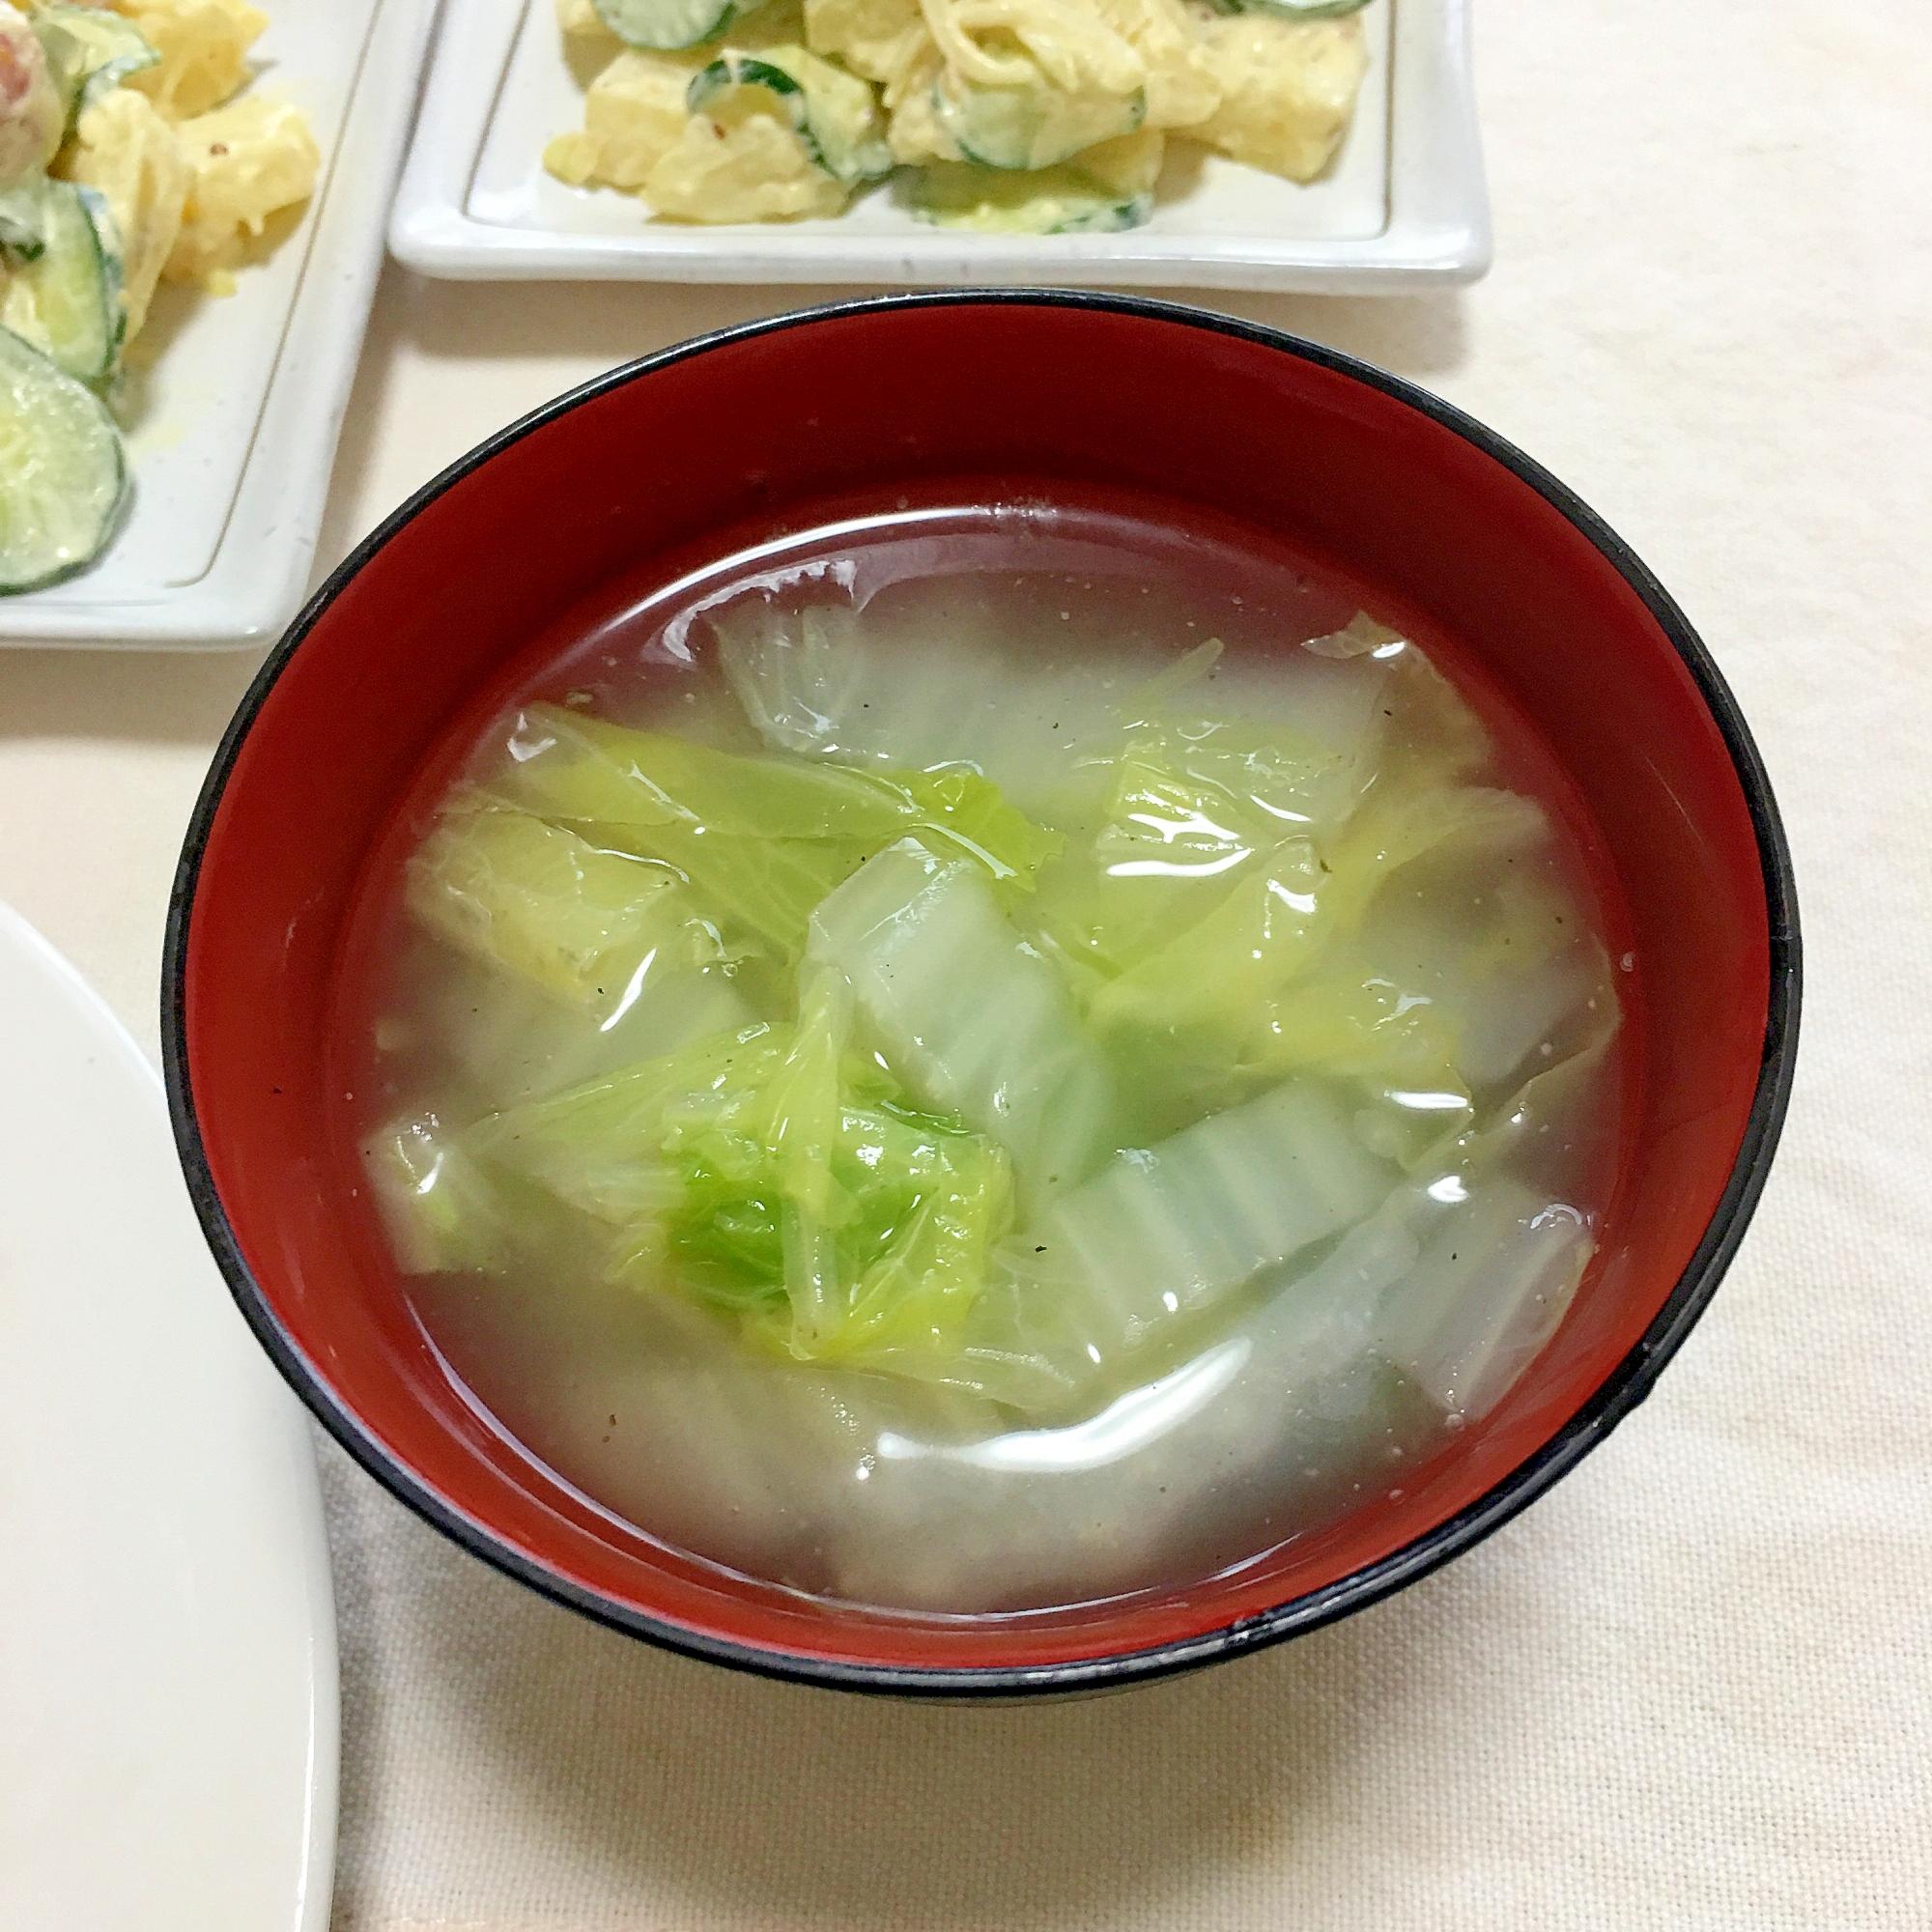 究極に簡単な白菜スープレシピ